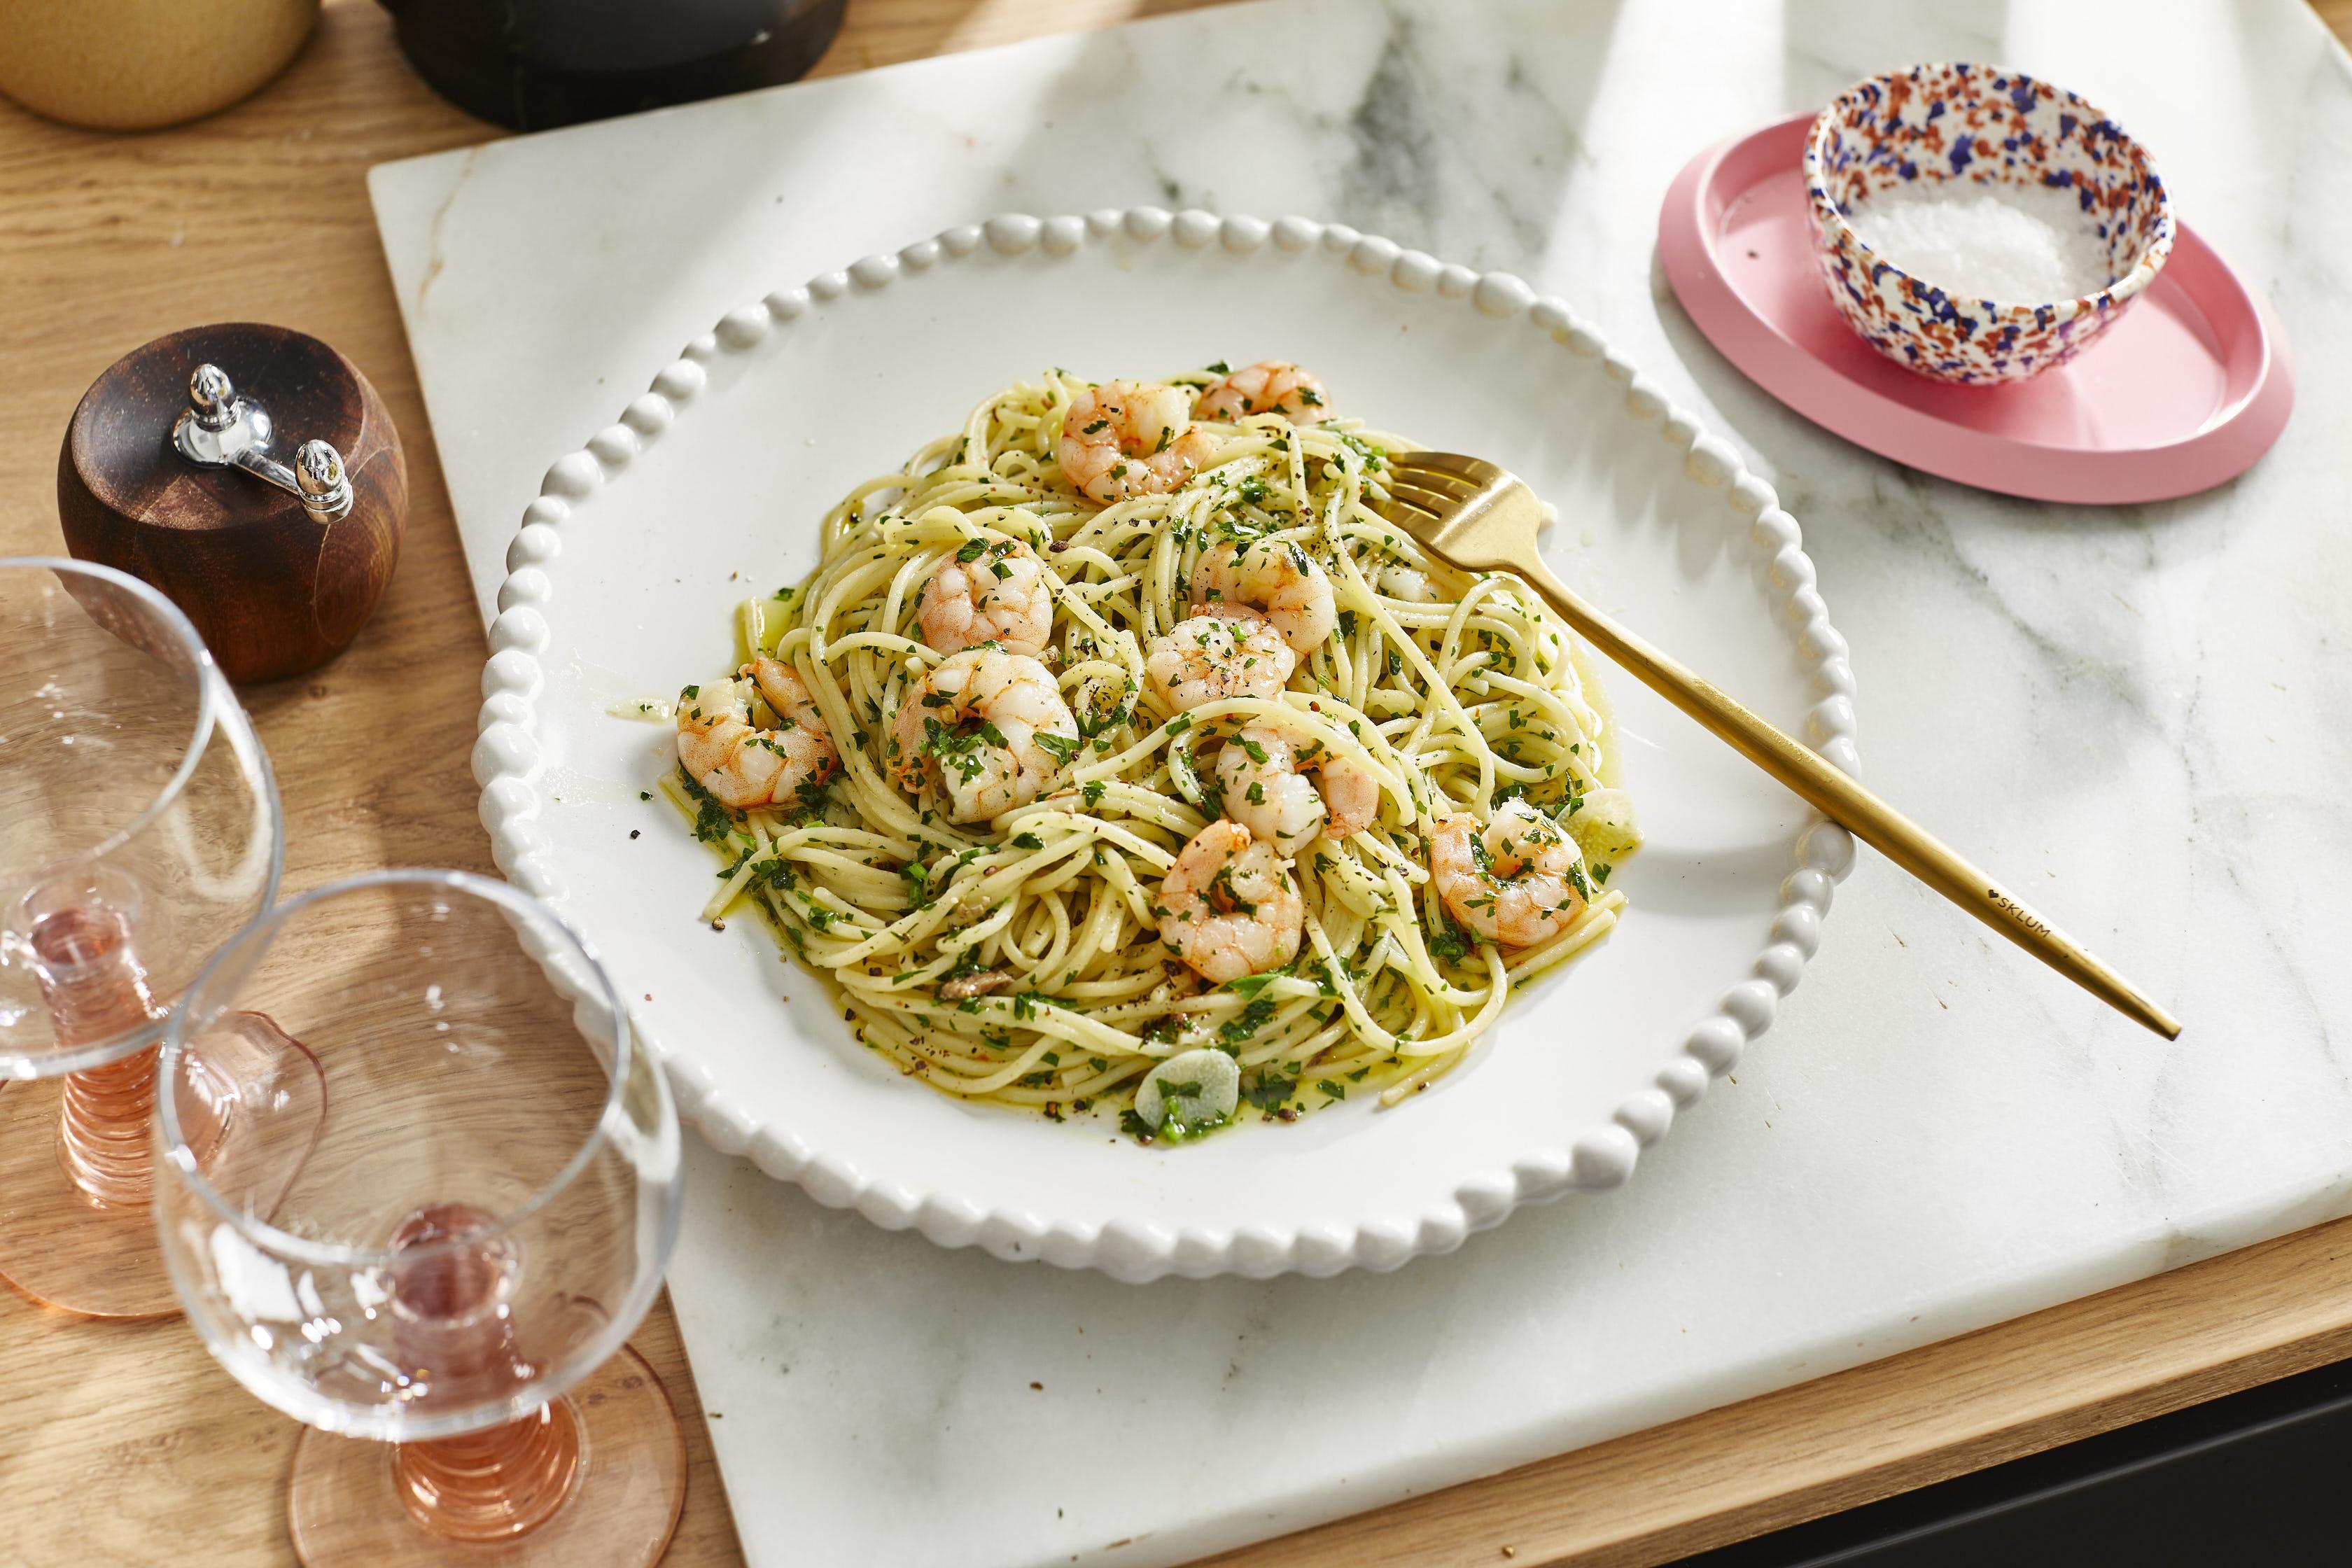 Spaghetti aglio e olio mit Garnelen